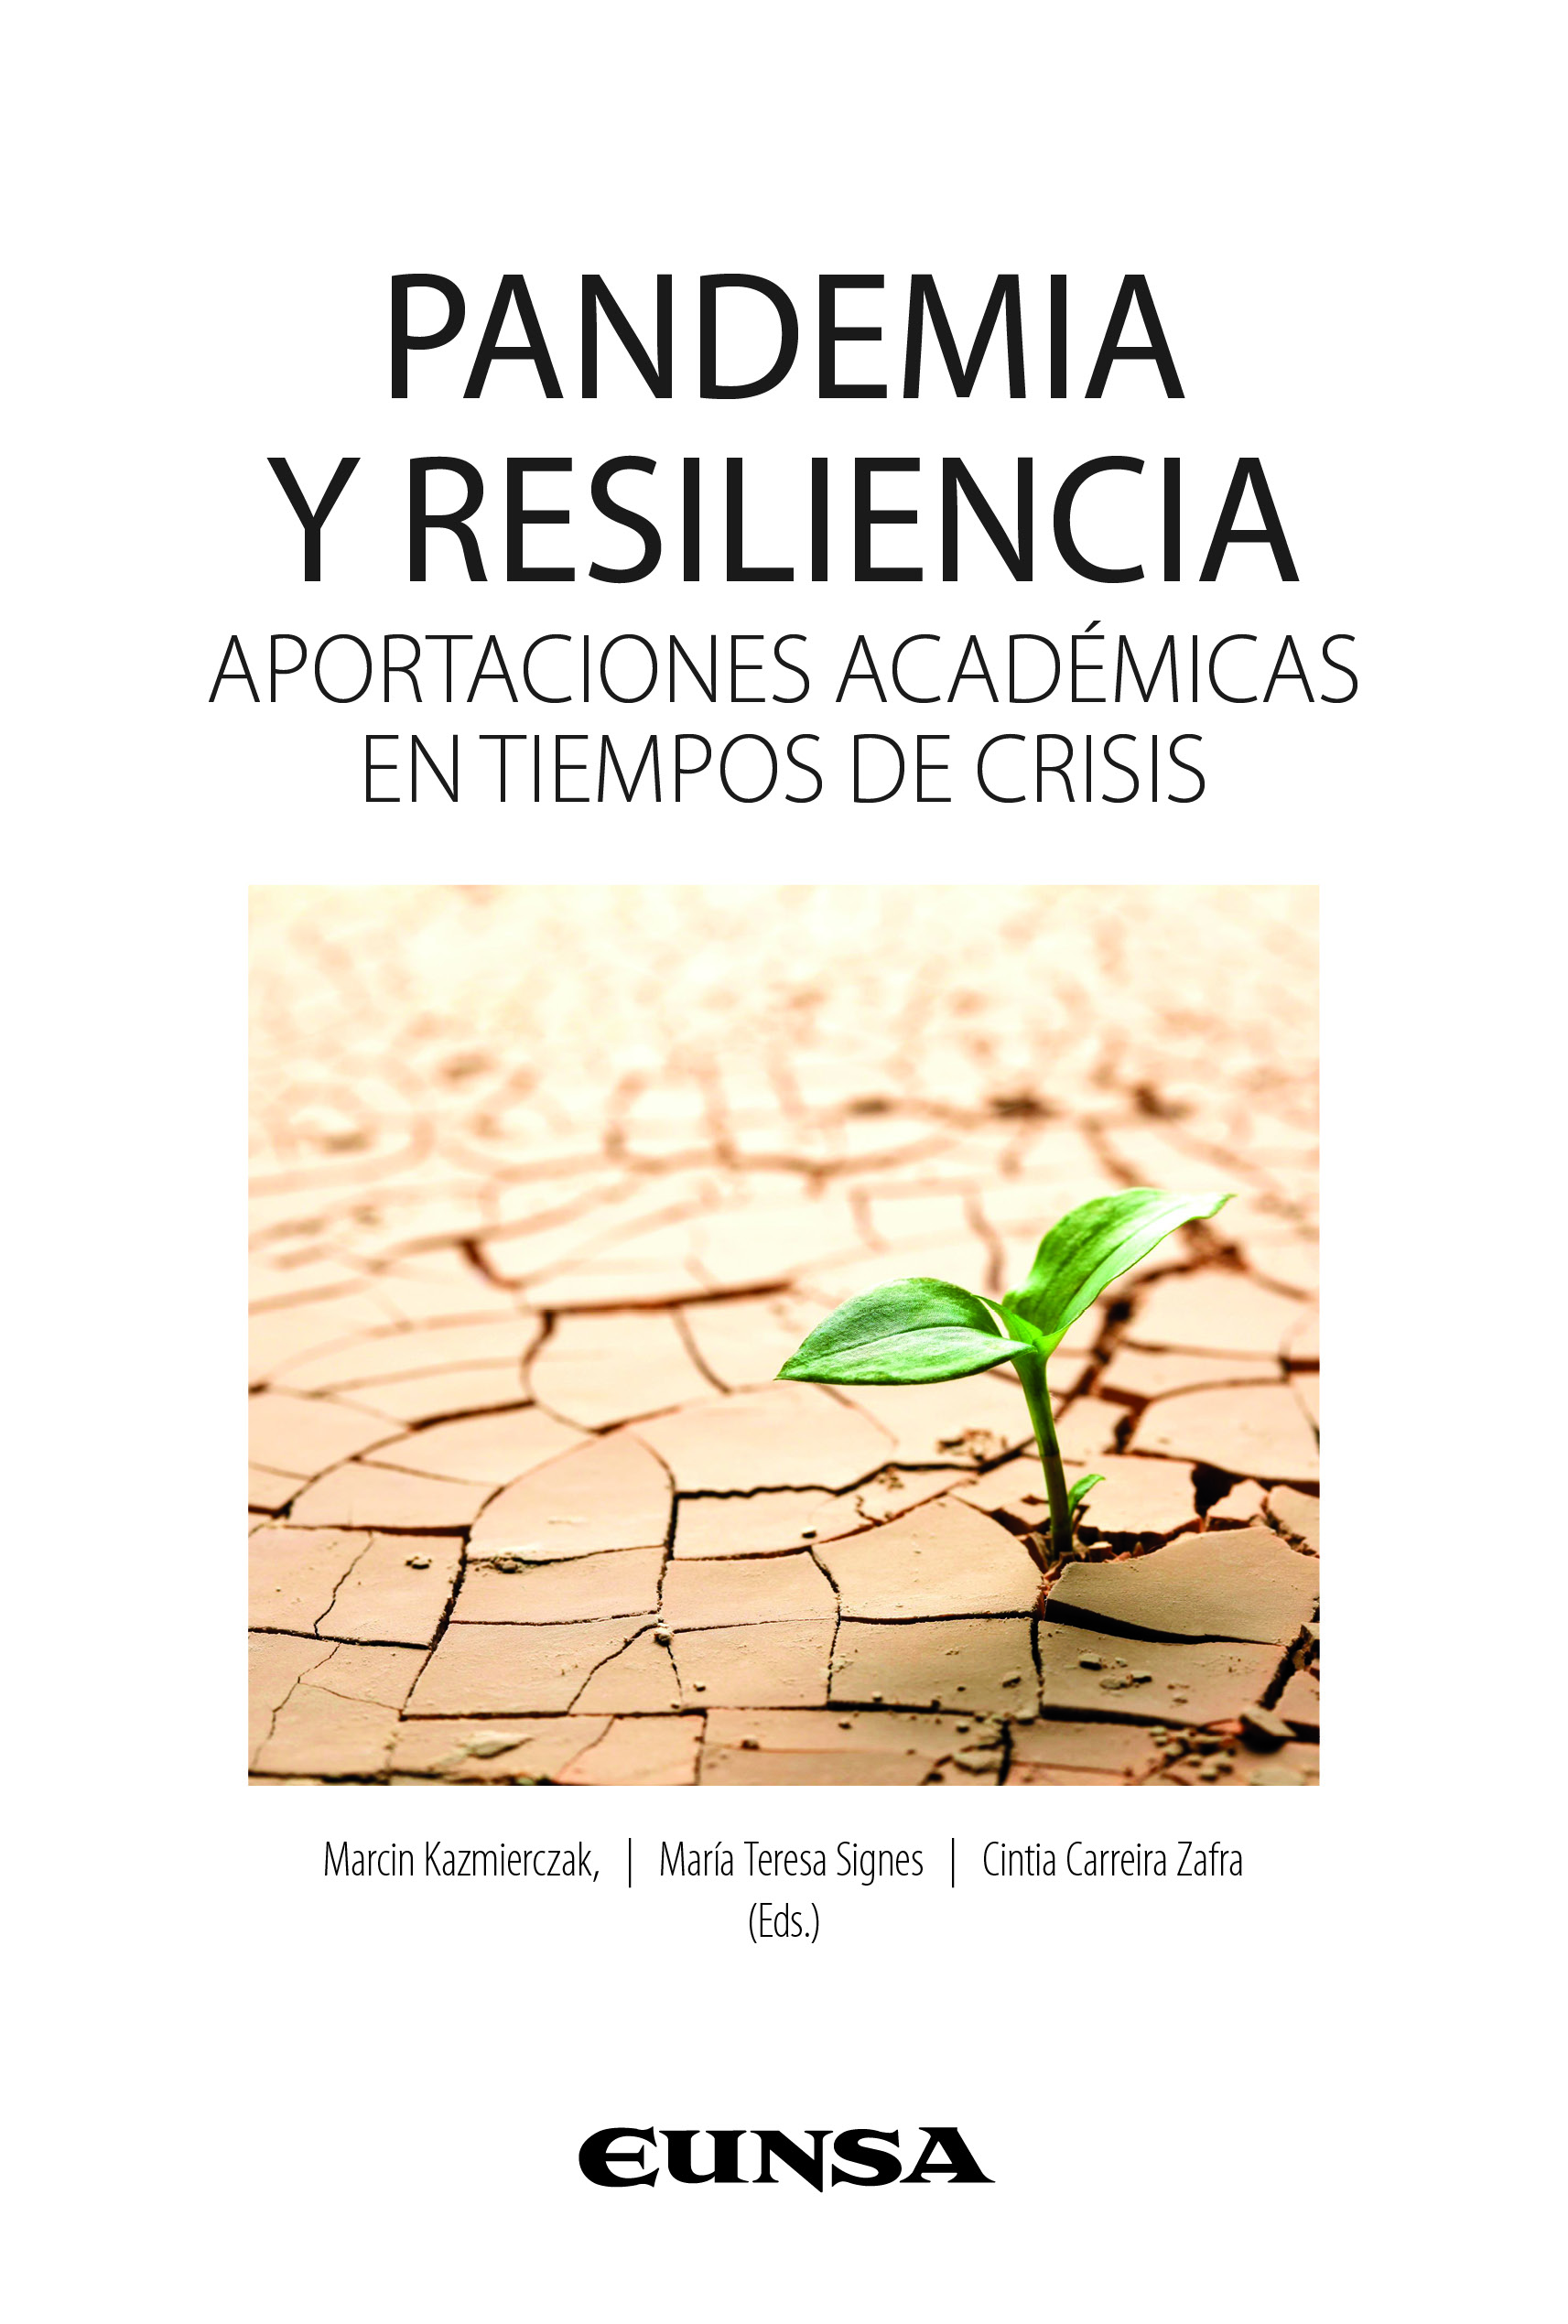 Pandemia y resiliencia   «Aportaciones académicas en tiempos de crisis»